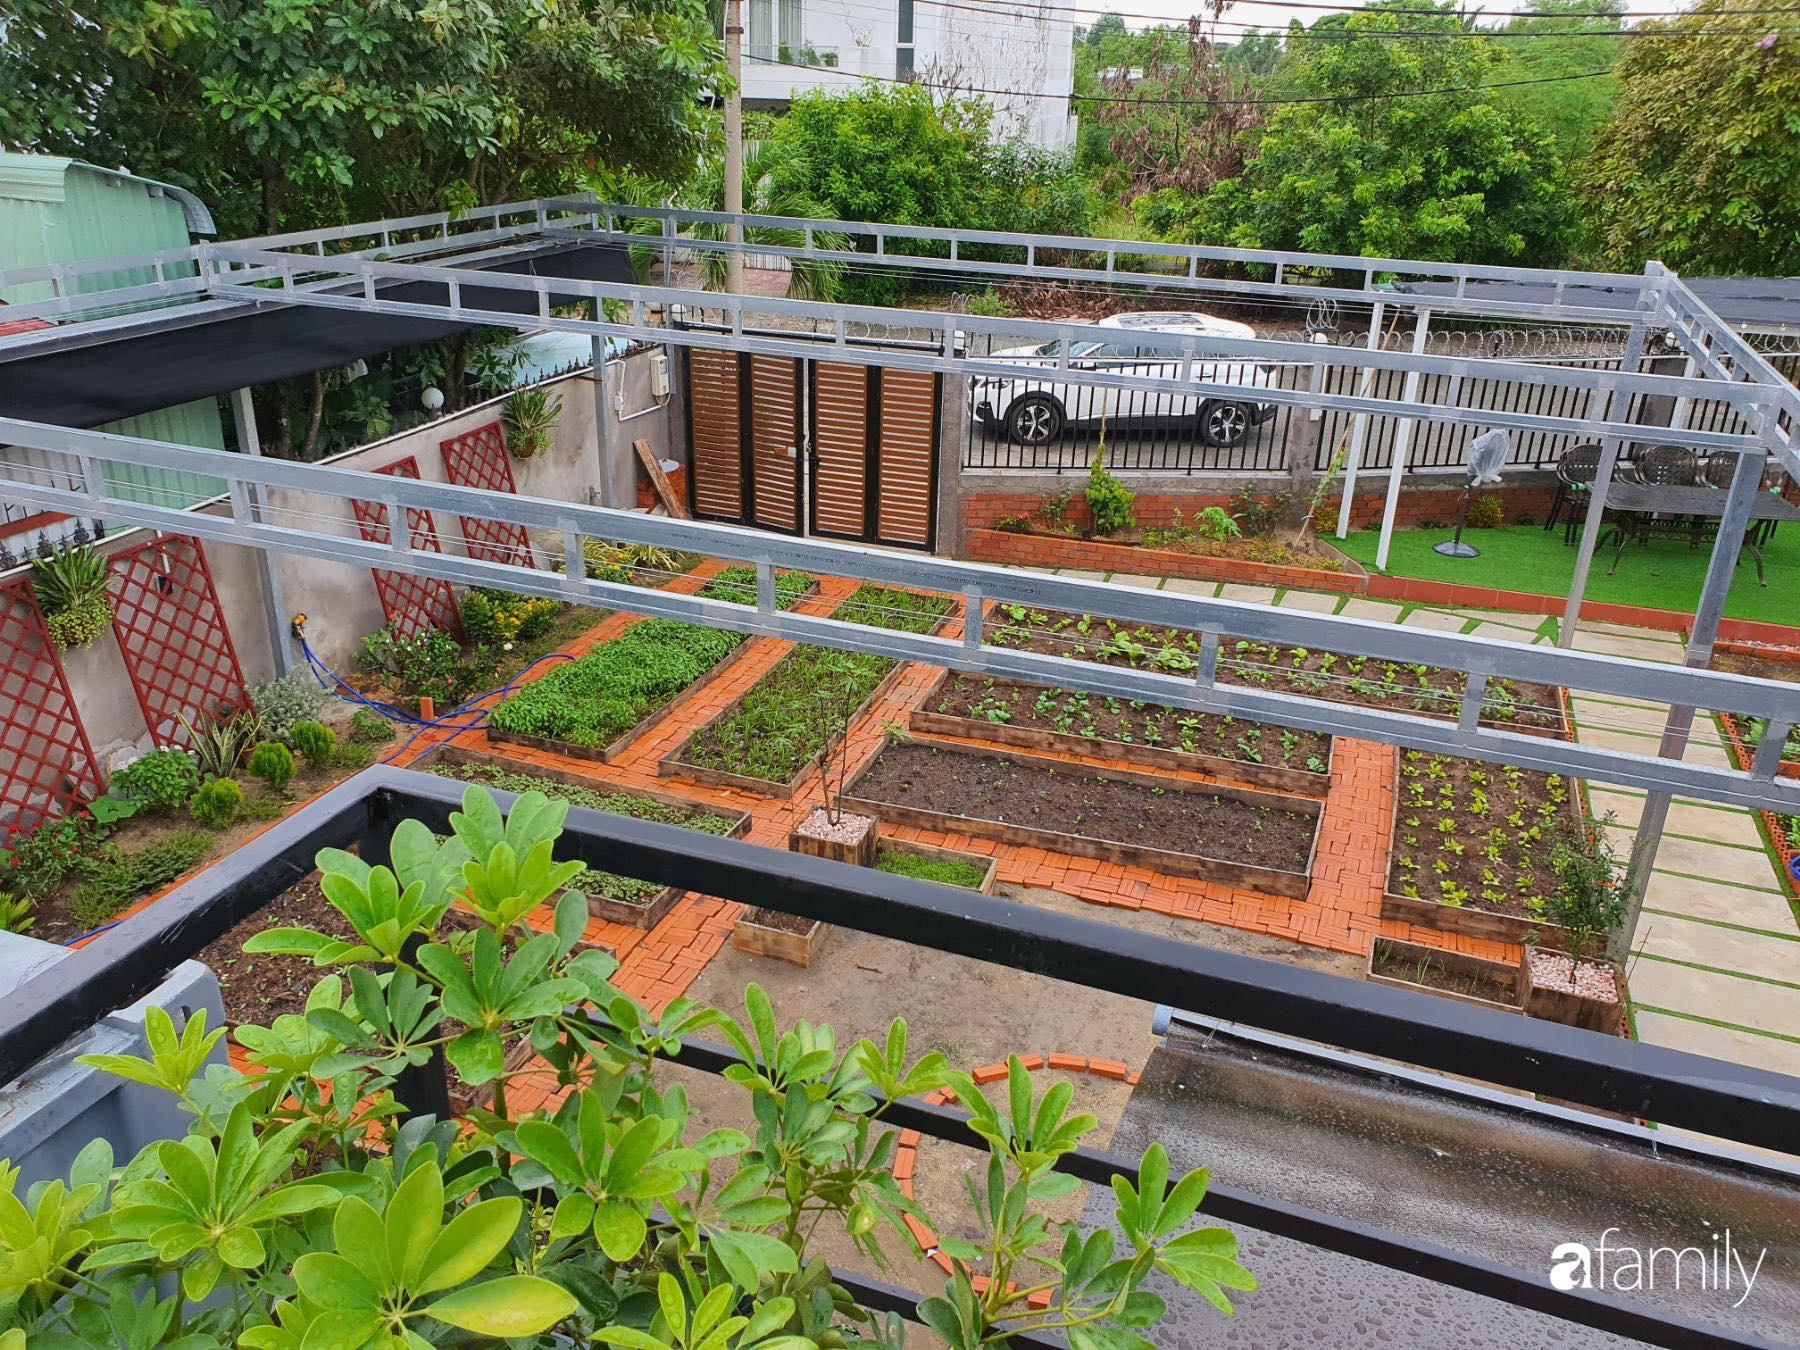 Con gái chi 500 triệu đồng xây nhà vườn container để bố về hưu thỏa mãn đam mê trồng rau ở Sài Gòn - Ảnh 4.